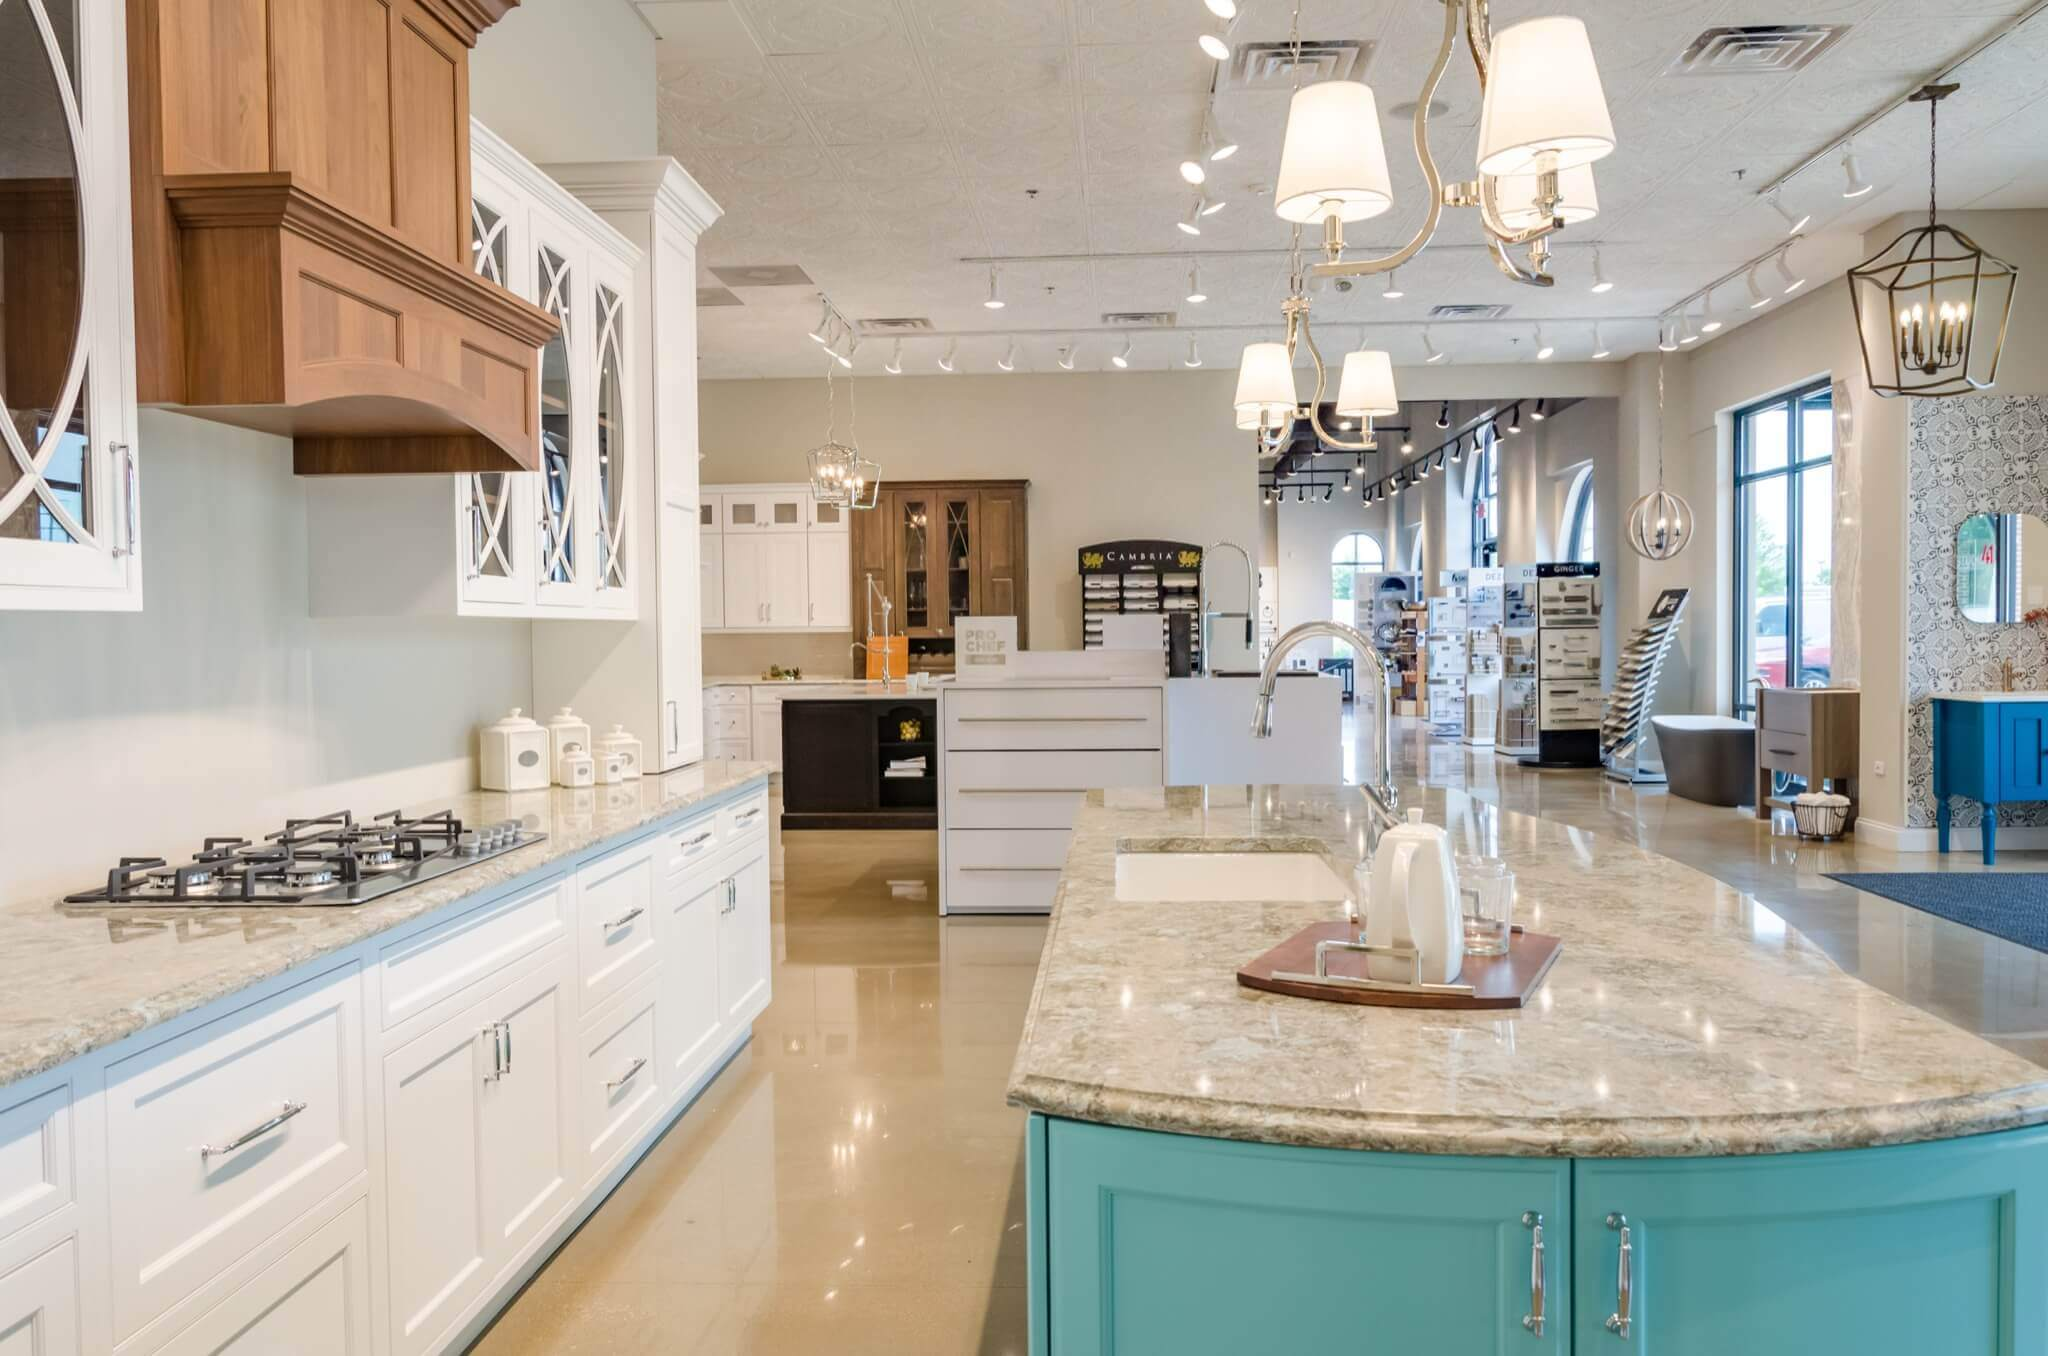 Studio Home Design Showroom Locations Naperville - Bathroom showroom naperville